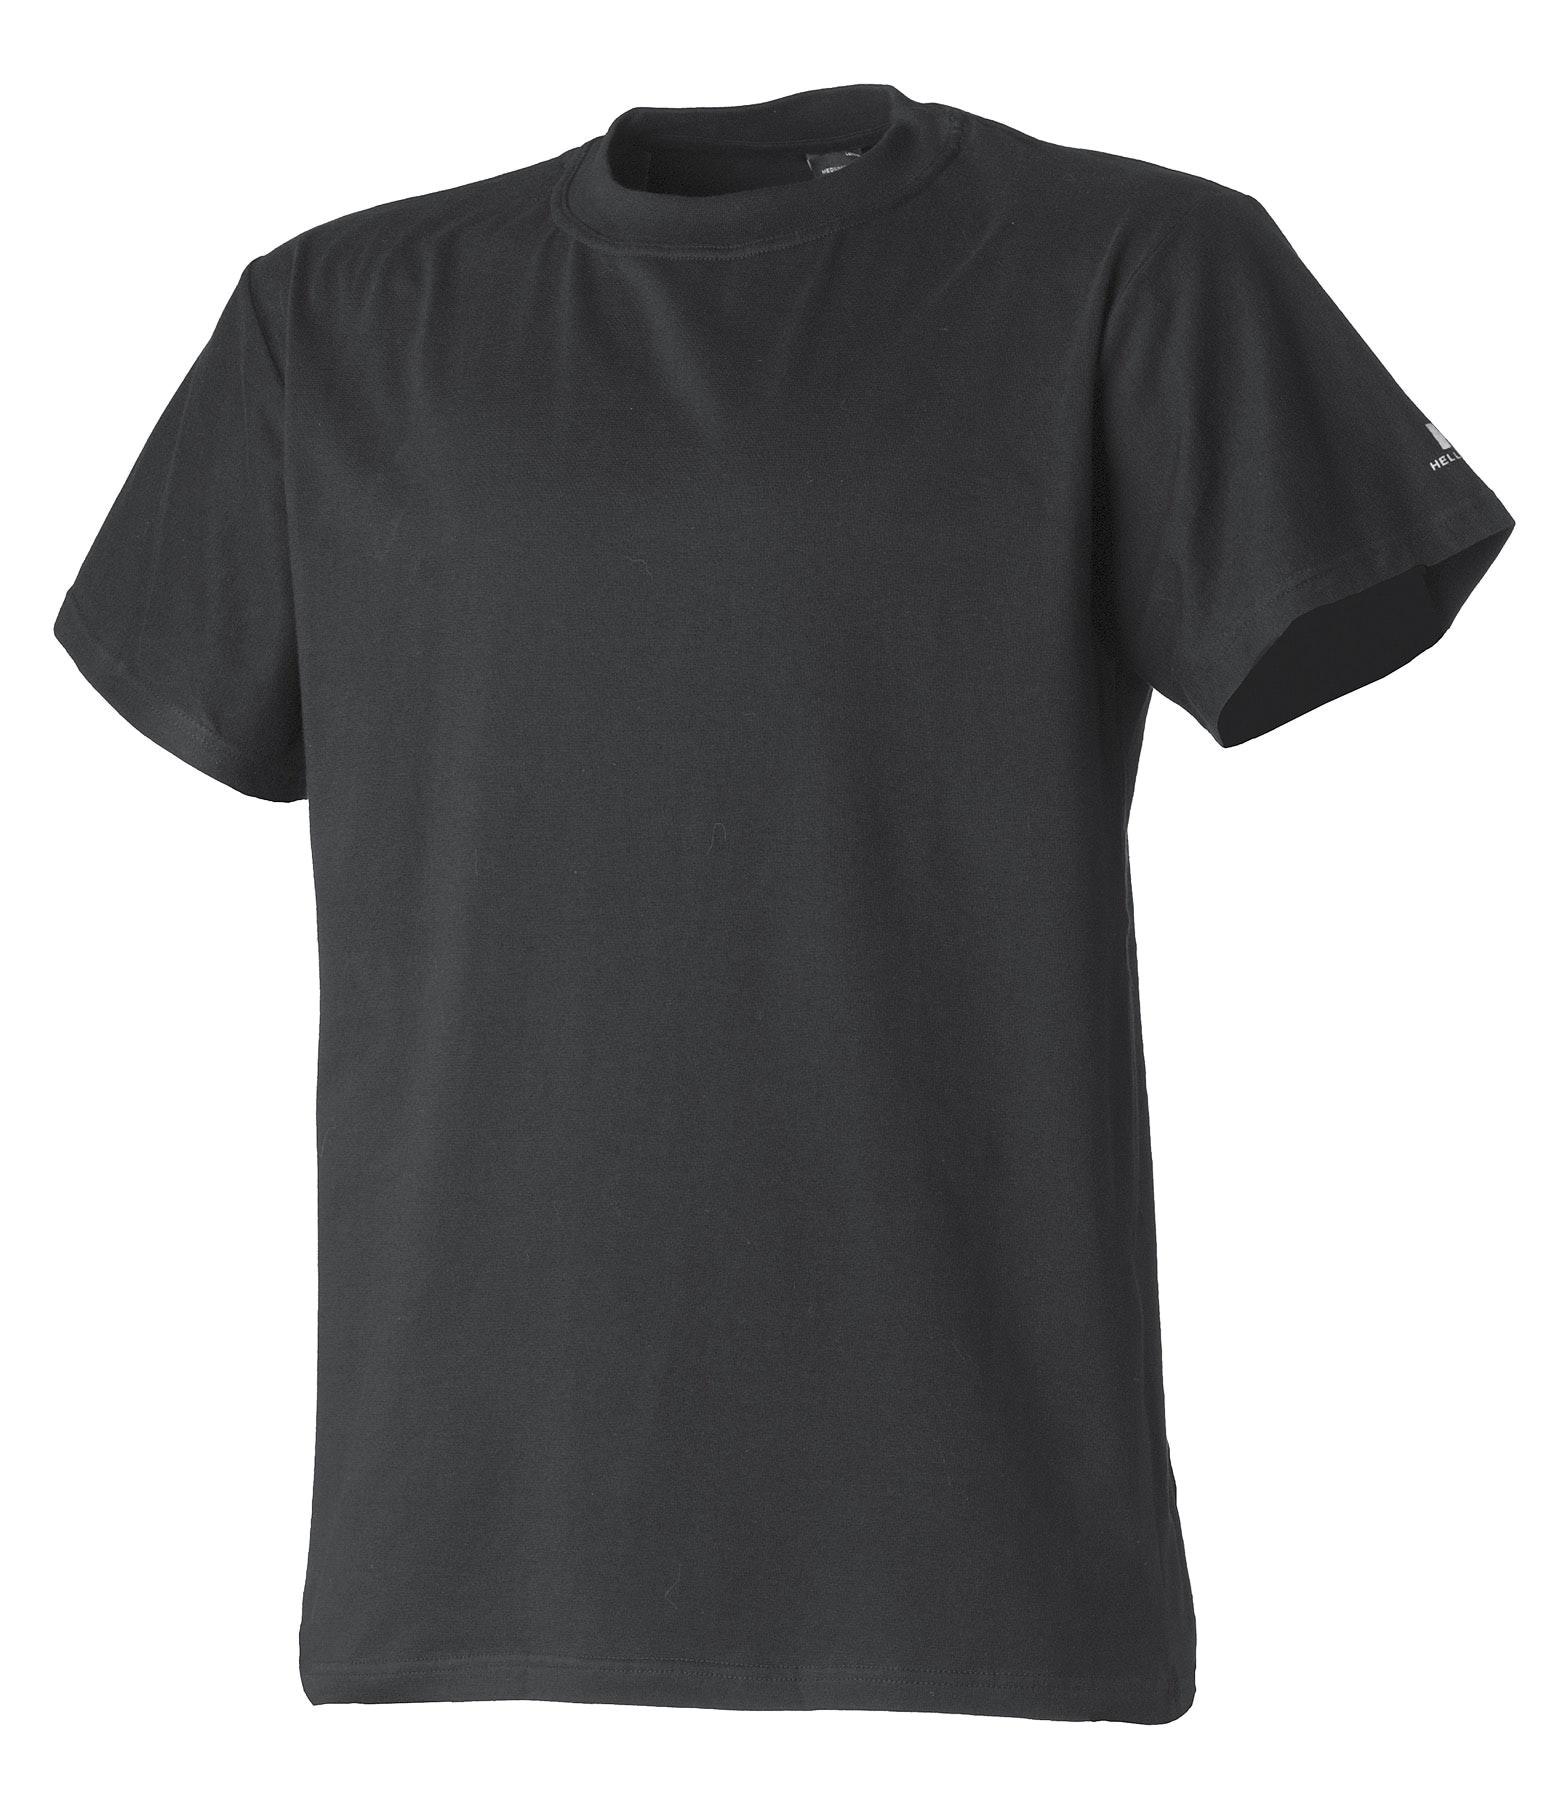 T-Shirt Helly Hansen Marin Xxl Manchester